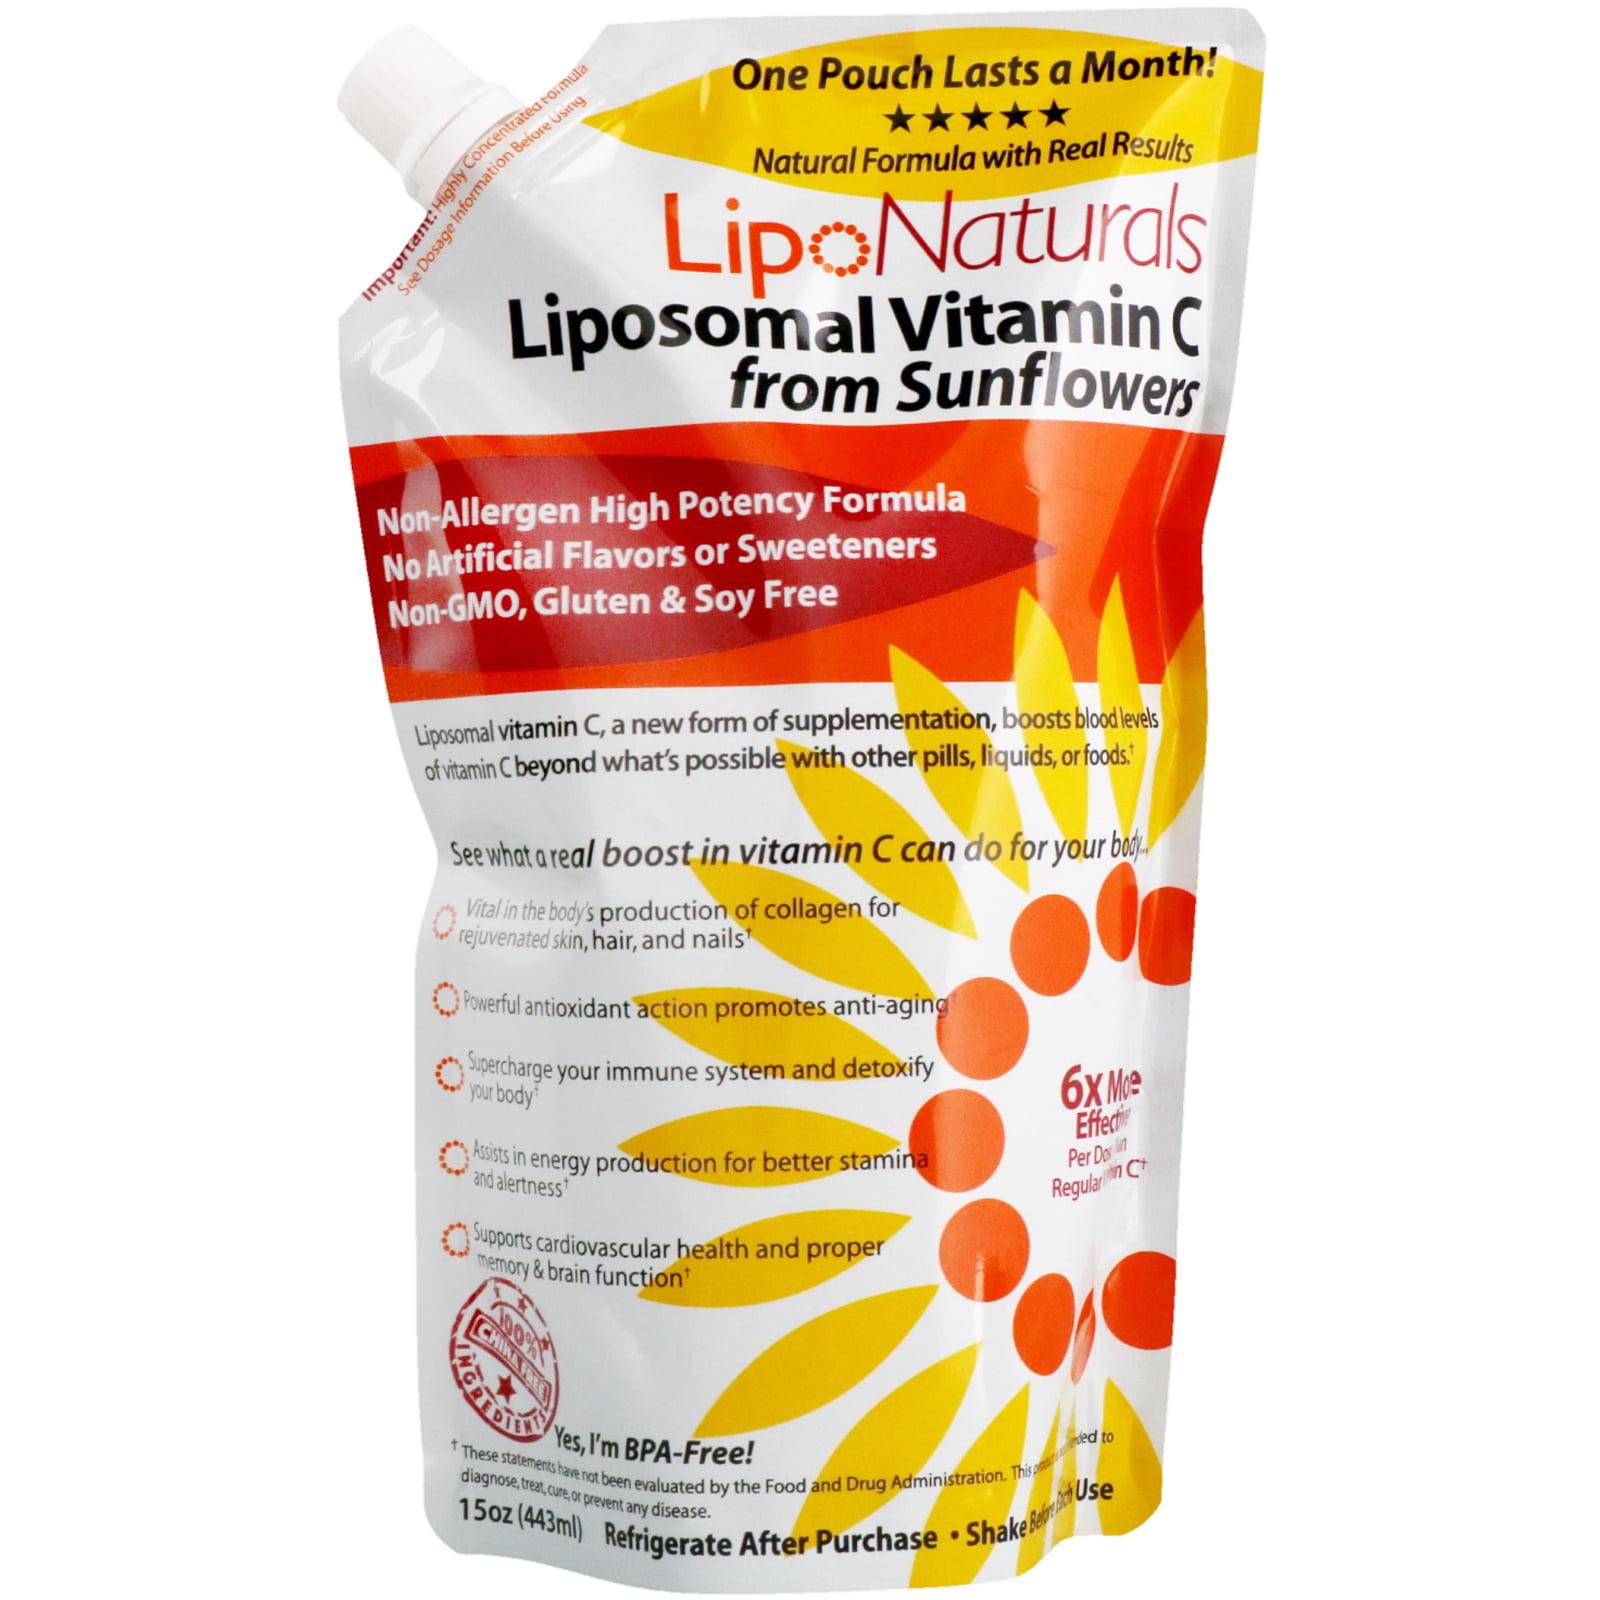 Lipo Naturals Liposomal Vitamin C From Sunflowers 15 oz 443 ml